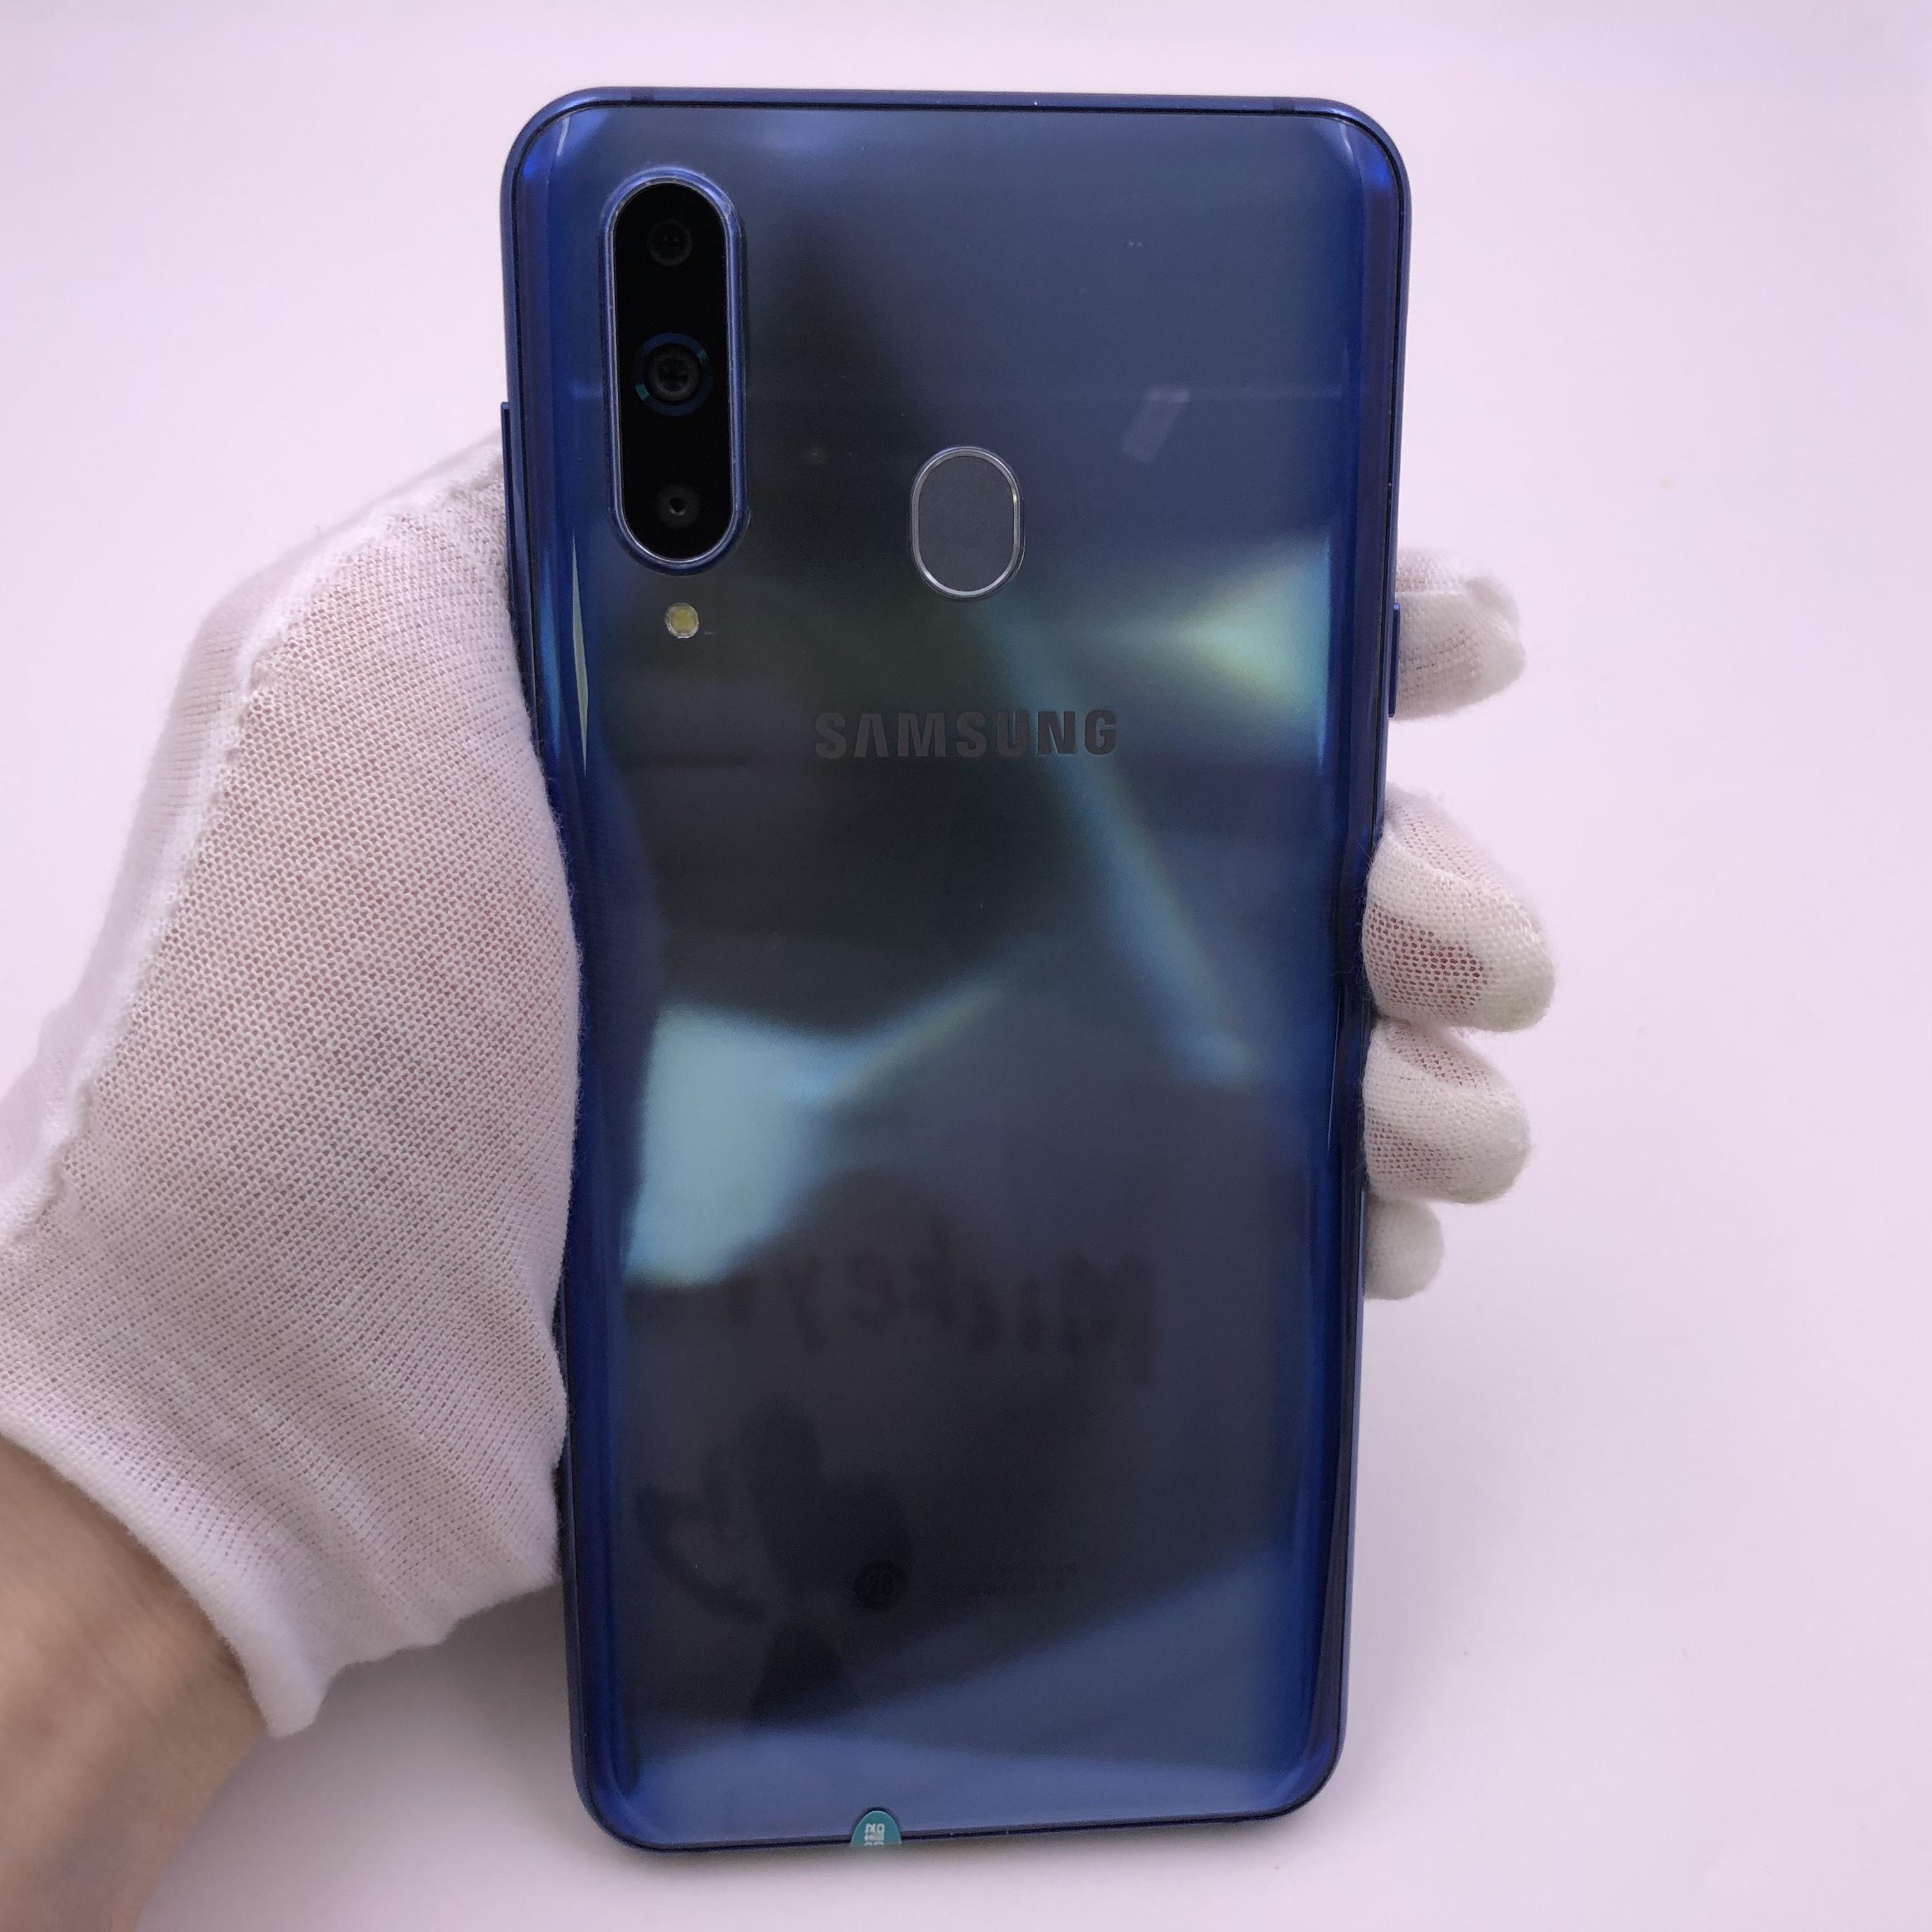 三星【Galaxy A8s】4G全网通 蓝色 6G/128G 国行 8成新